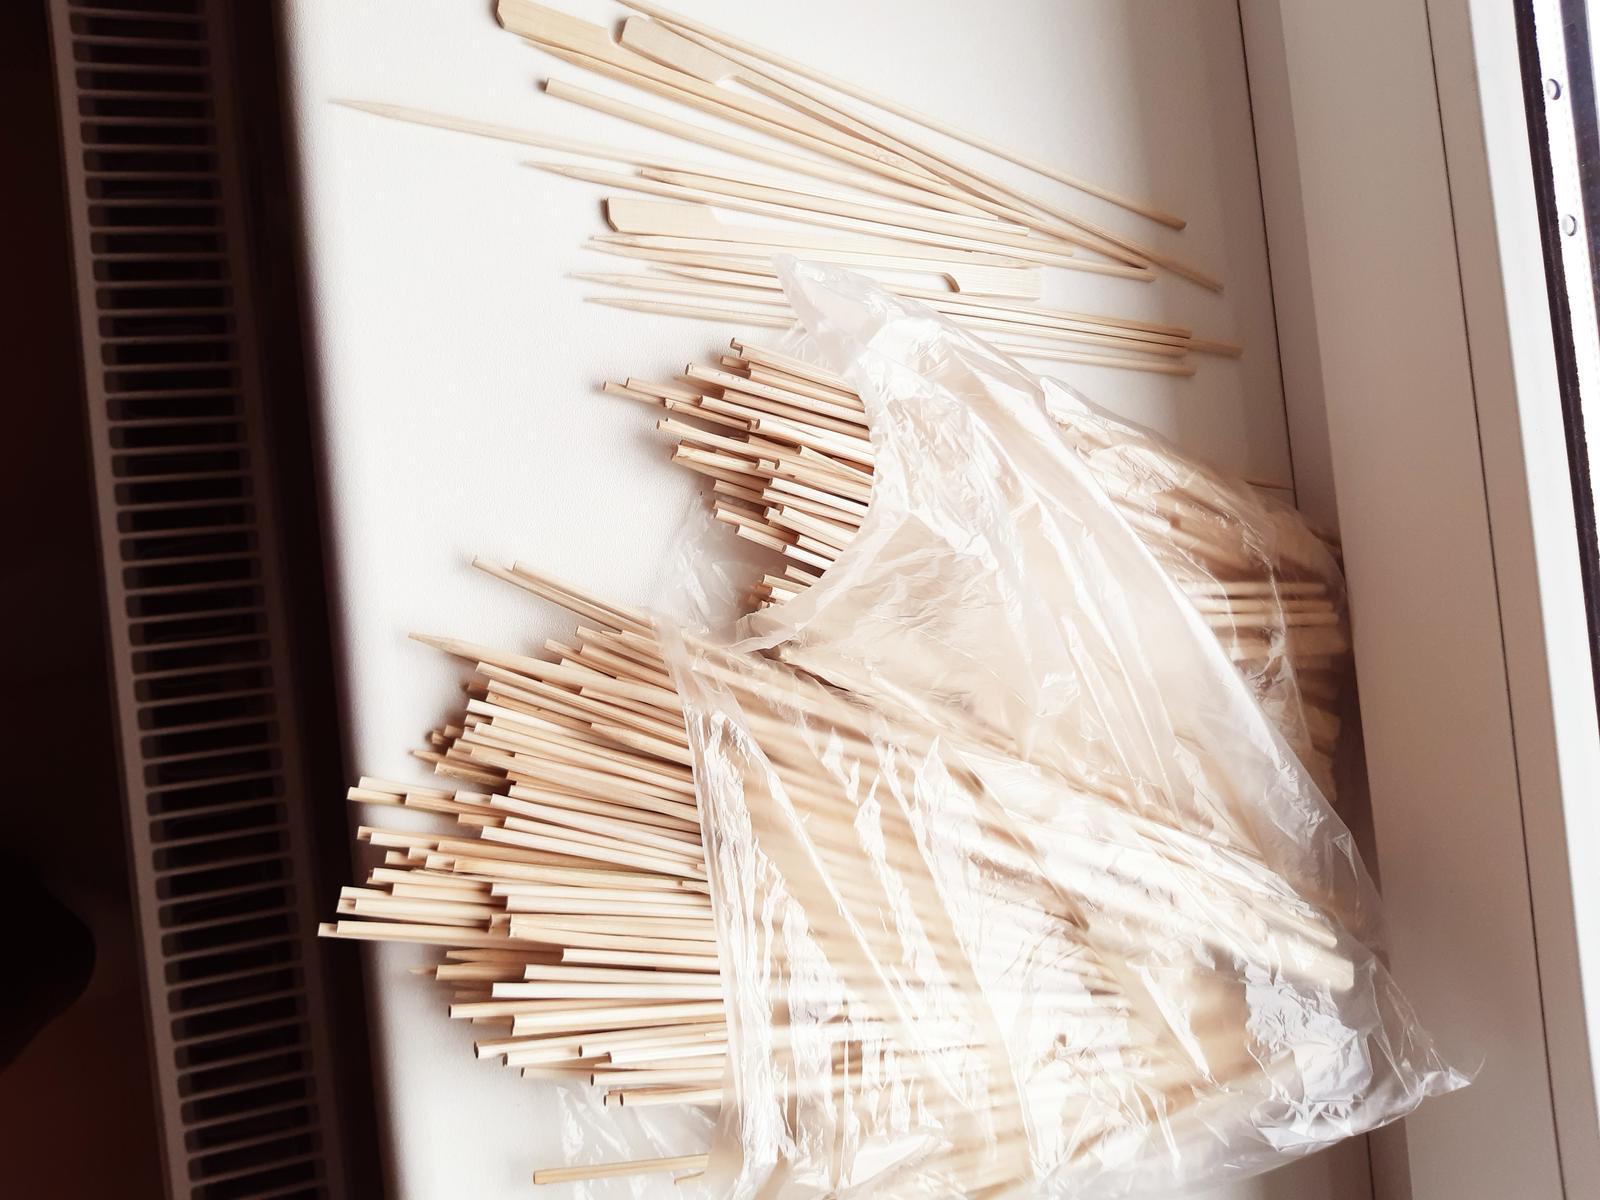 Svadobná dekorácia-stuhy,organzy,dekoracie,doplnky - Obrázok č. 3